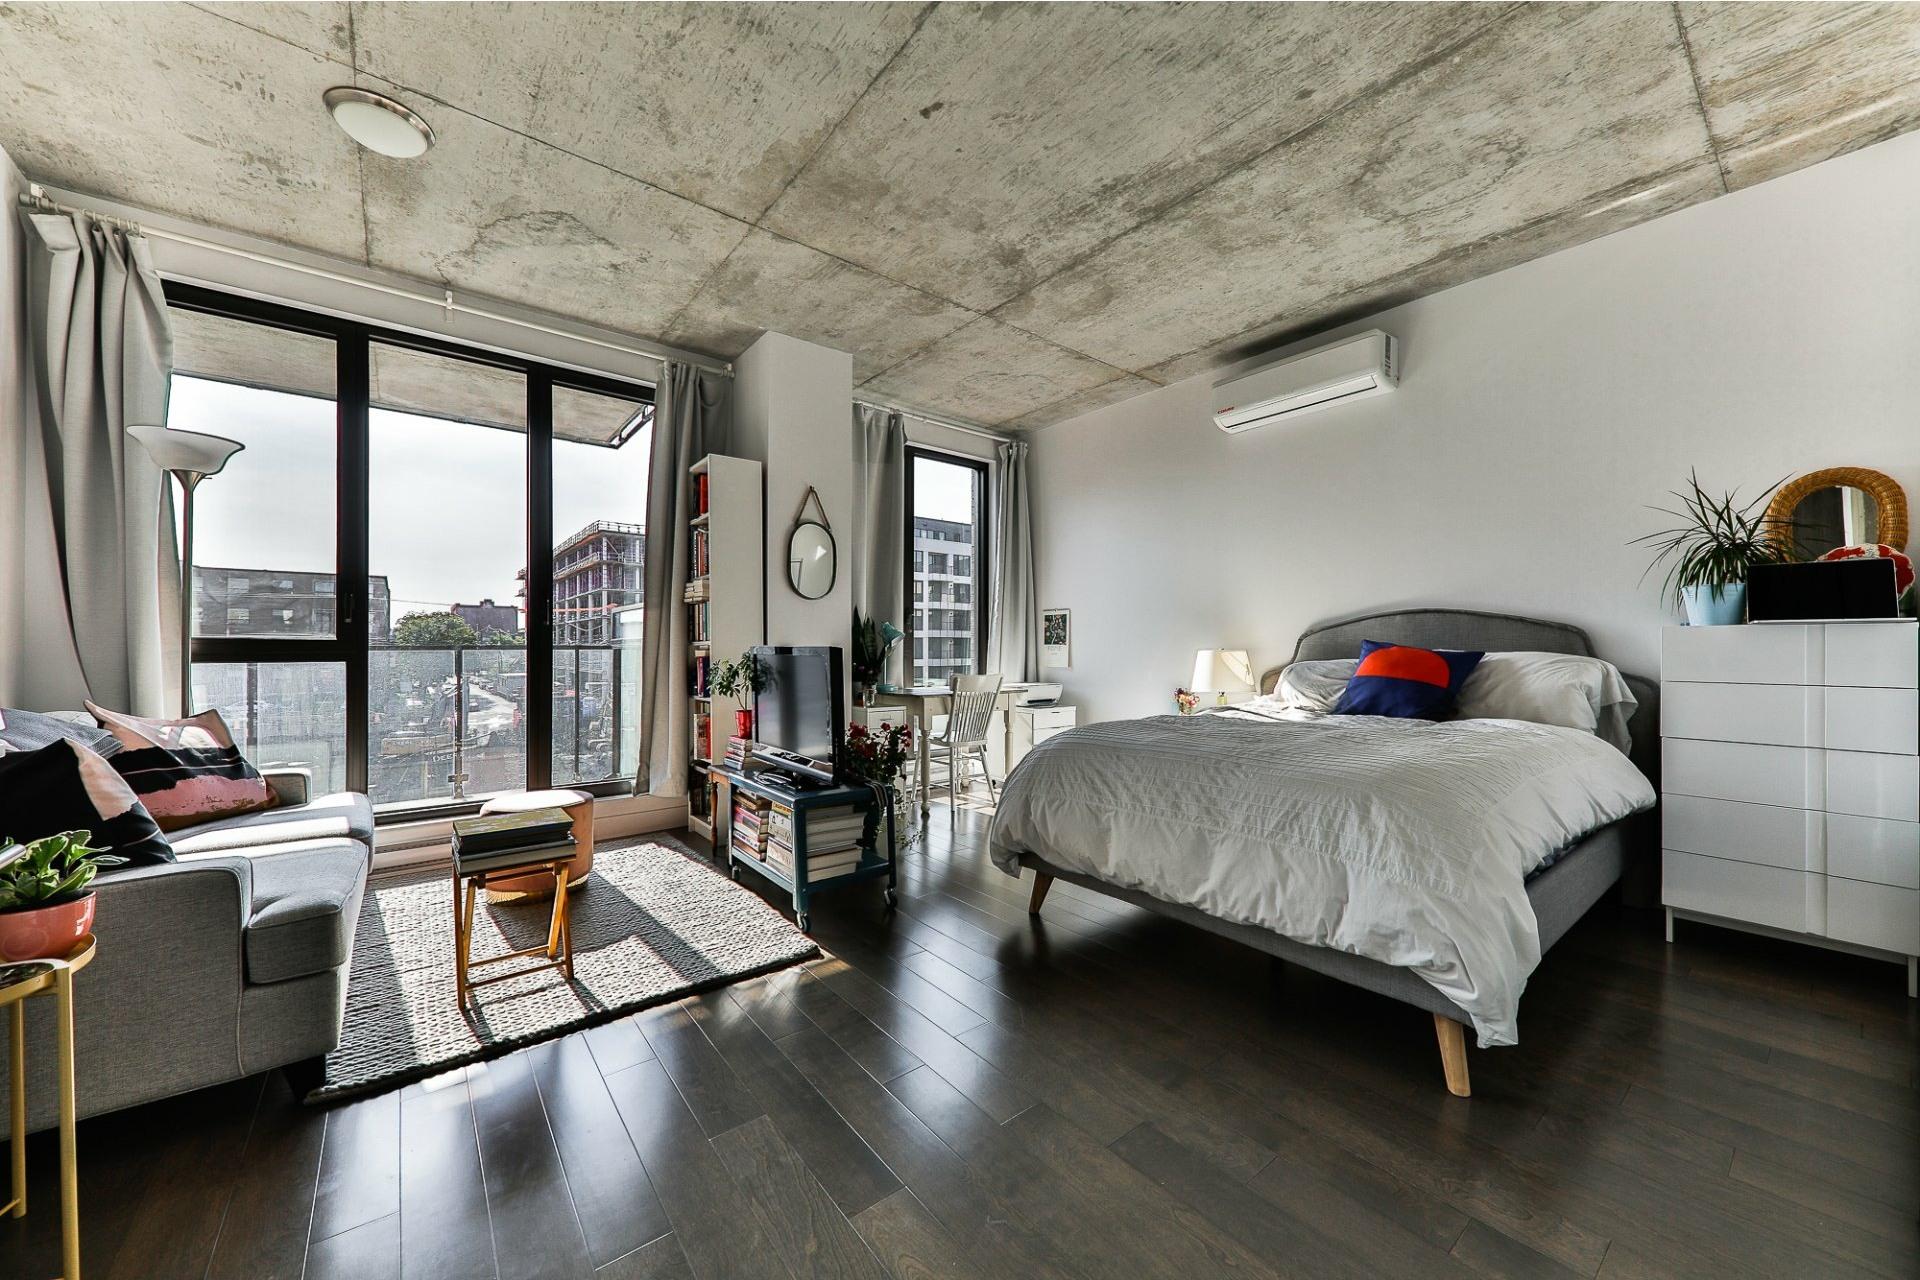 image 2 - Appartement À vendre Villeray/Saint-Michel/Parc-Extension Montréal  - 4 pièces